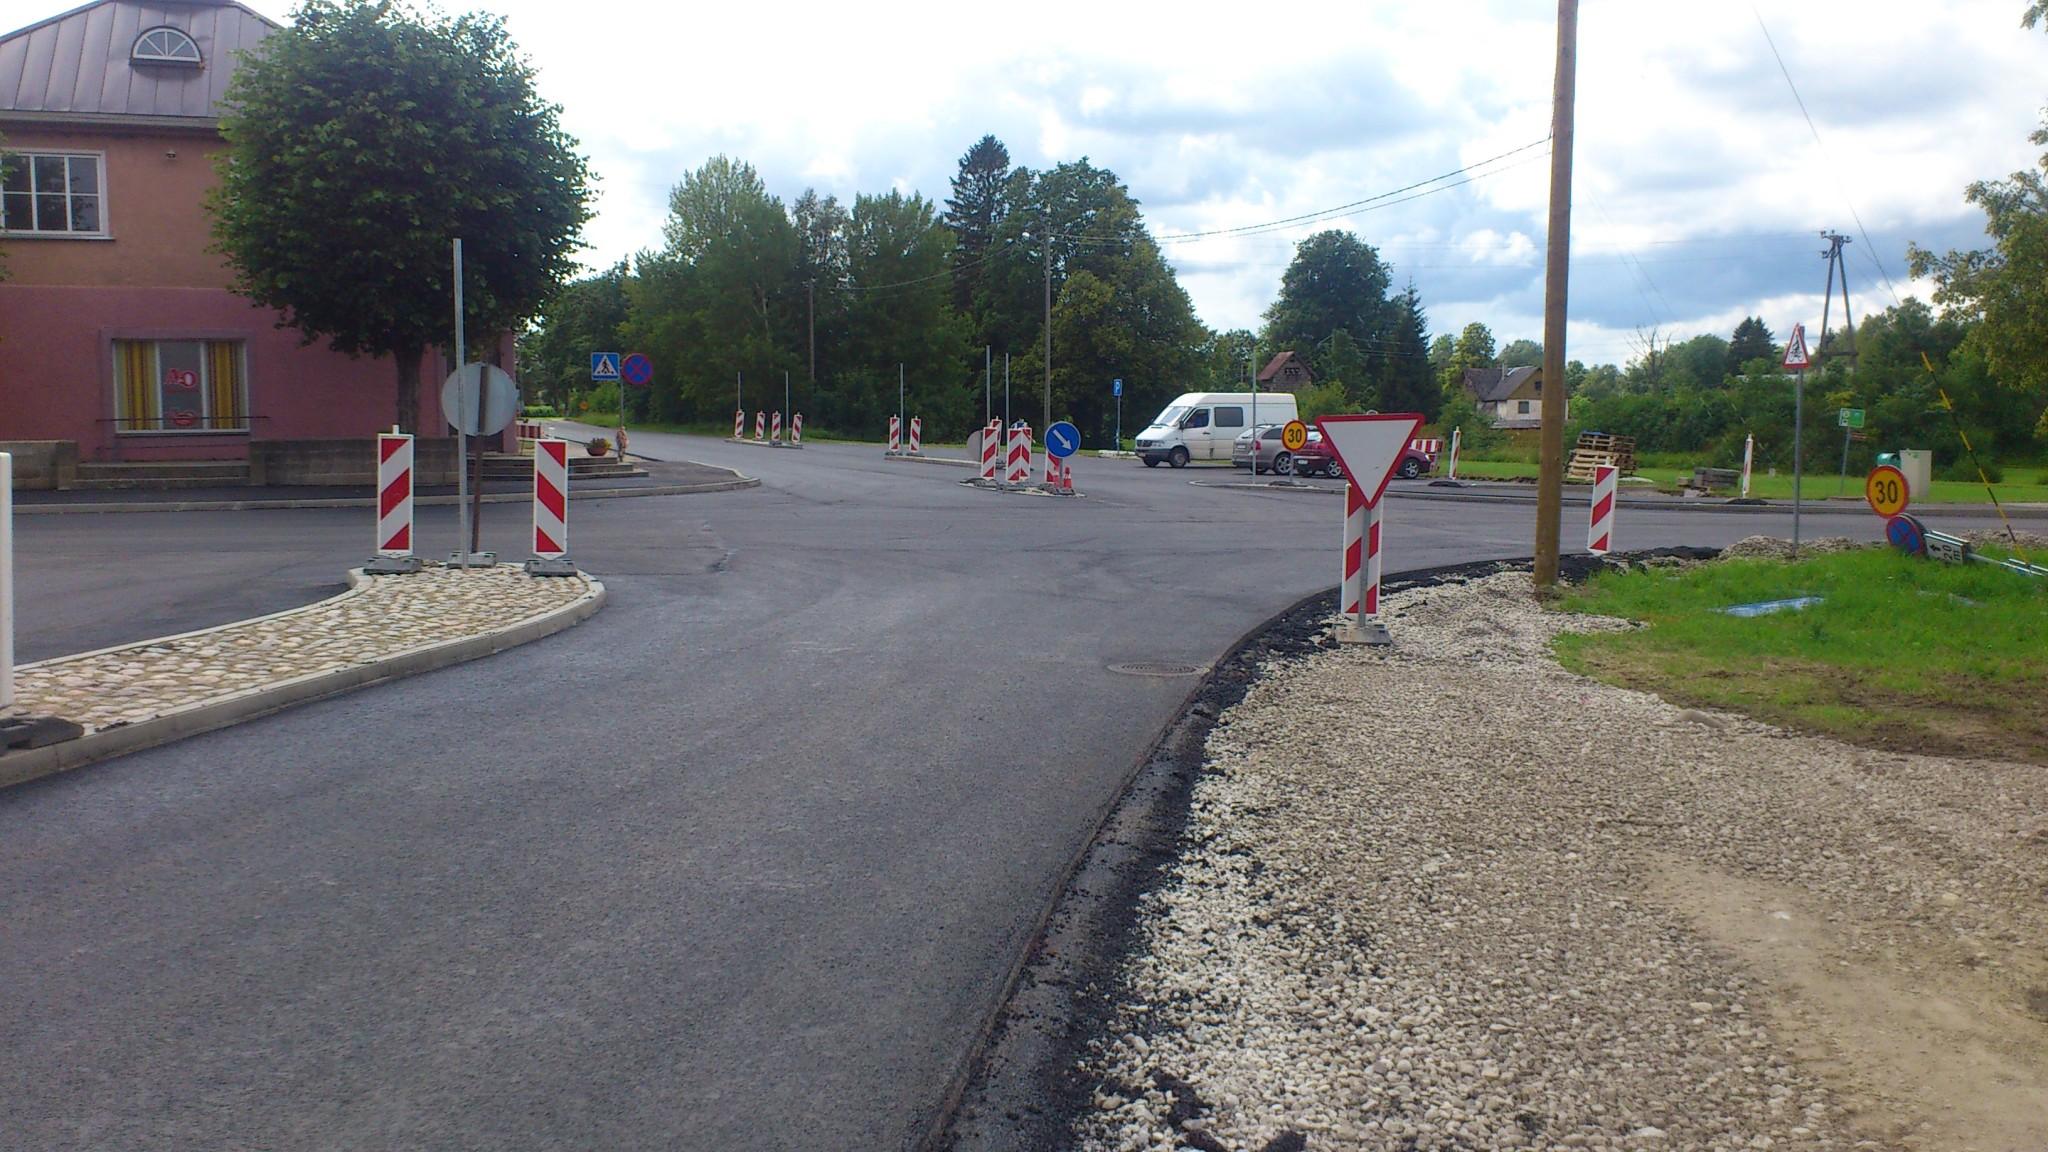 Kõrvalmaanteede nr 16151 ja 16153 ristmiku koos parklaga ümberehituse ja kõrvalmaantee nr 11230 Harju-Risti – Riguldi – Võntküla km 28,87 – 29,46  Nõva külas jalg- ja jalgrattatee ehituse omanikujärelevalve